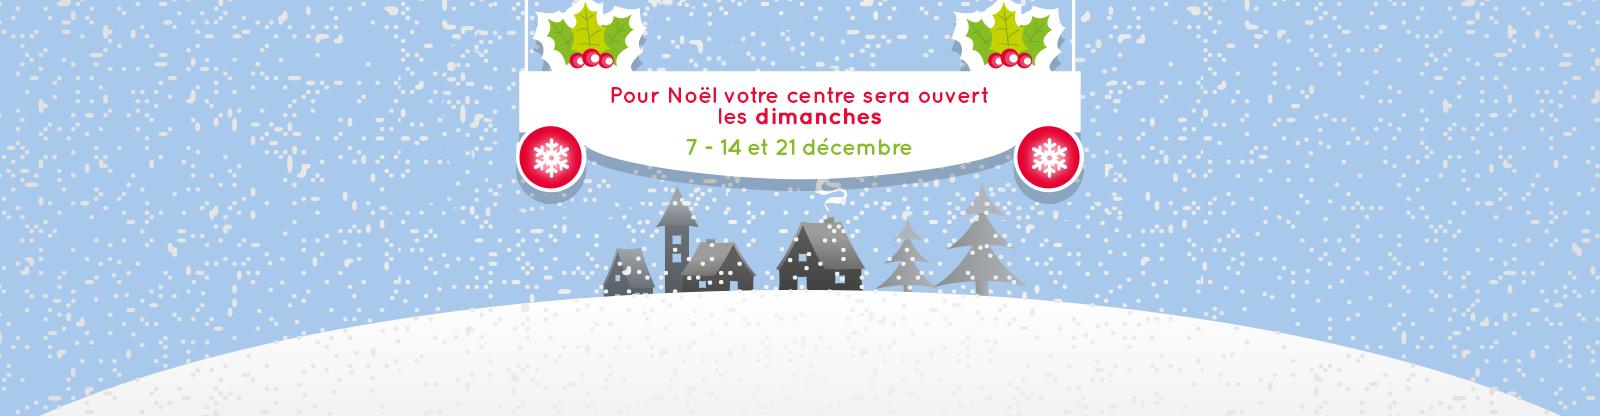 slider_ouverture_7.14.21décembre